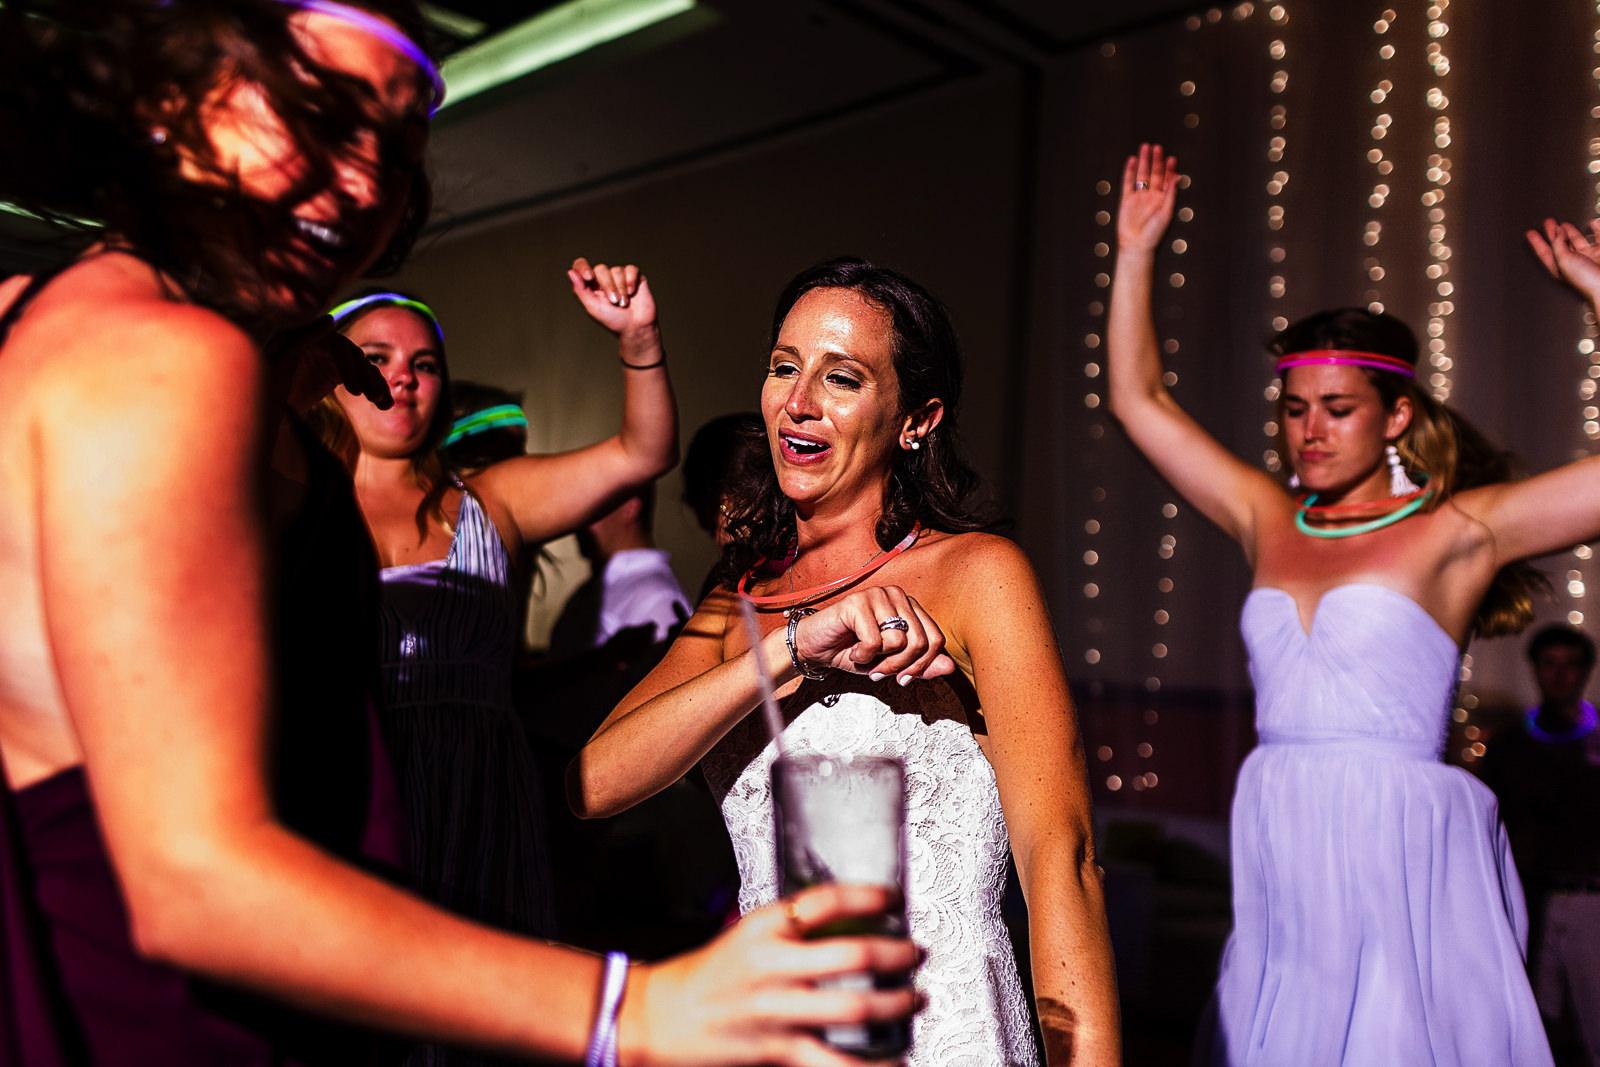 Bride and guests dancing at wedding reception - Eder Acevedo cancun los cabos vallarta wedding photographer